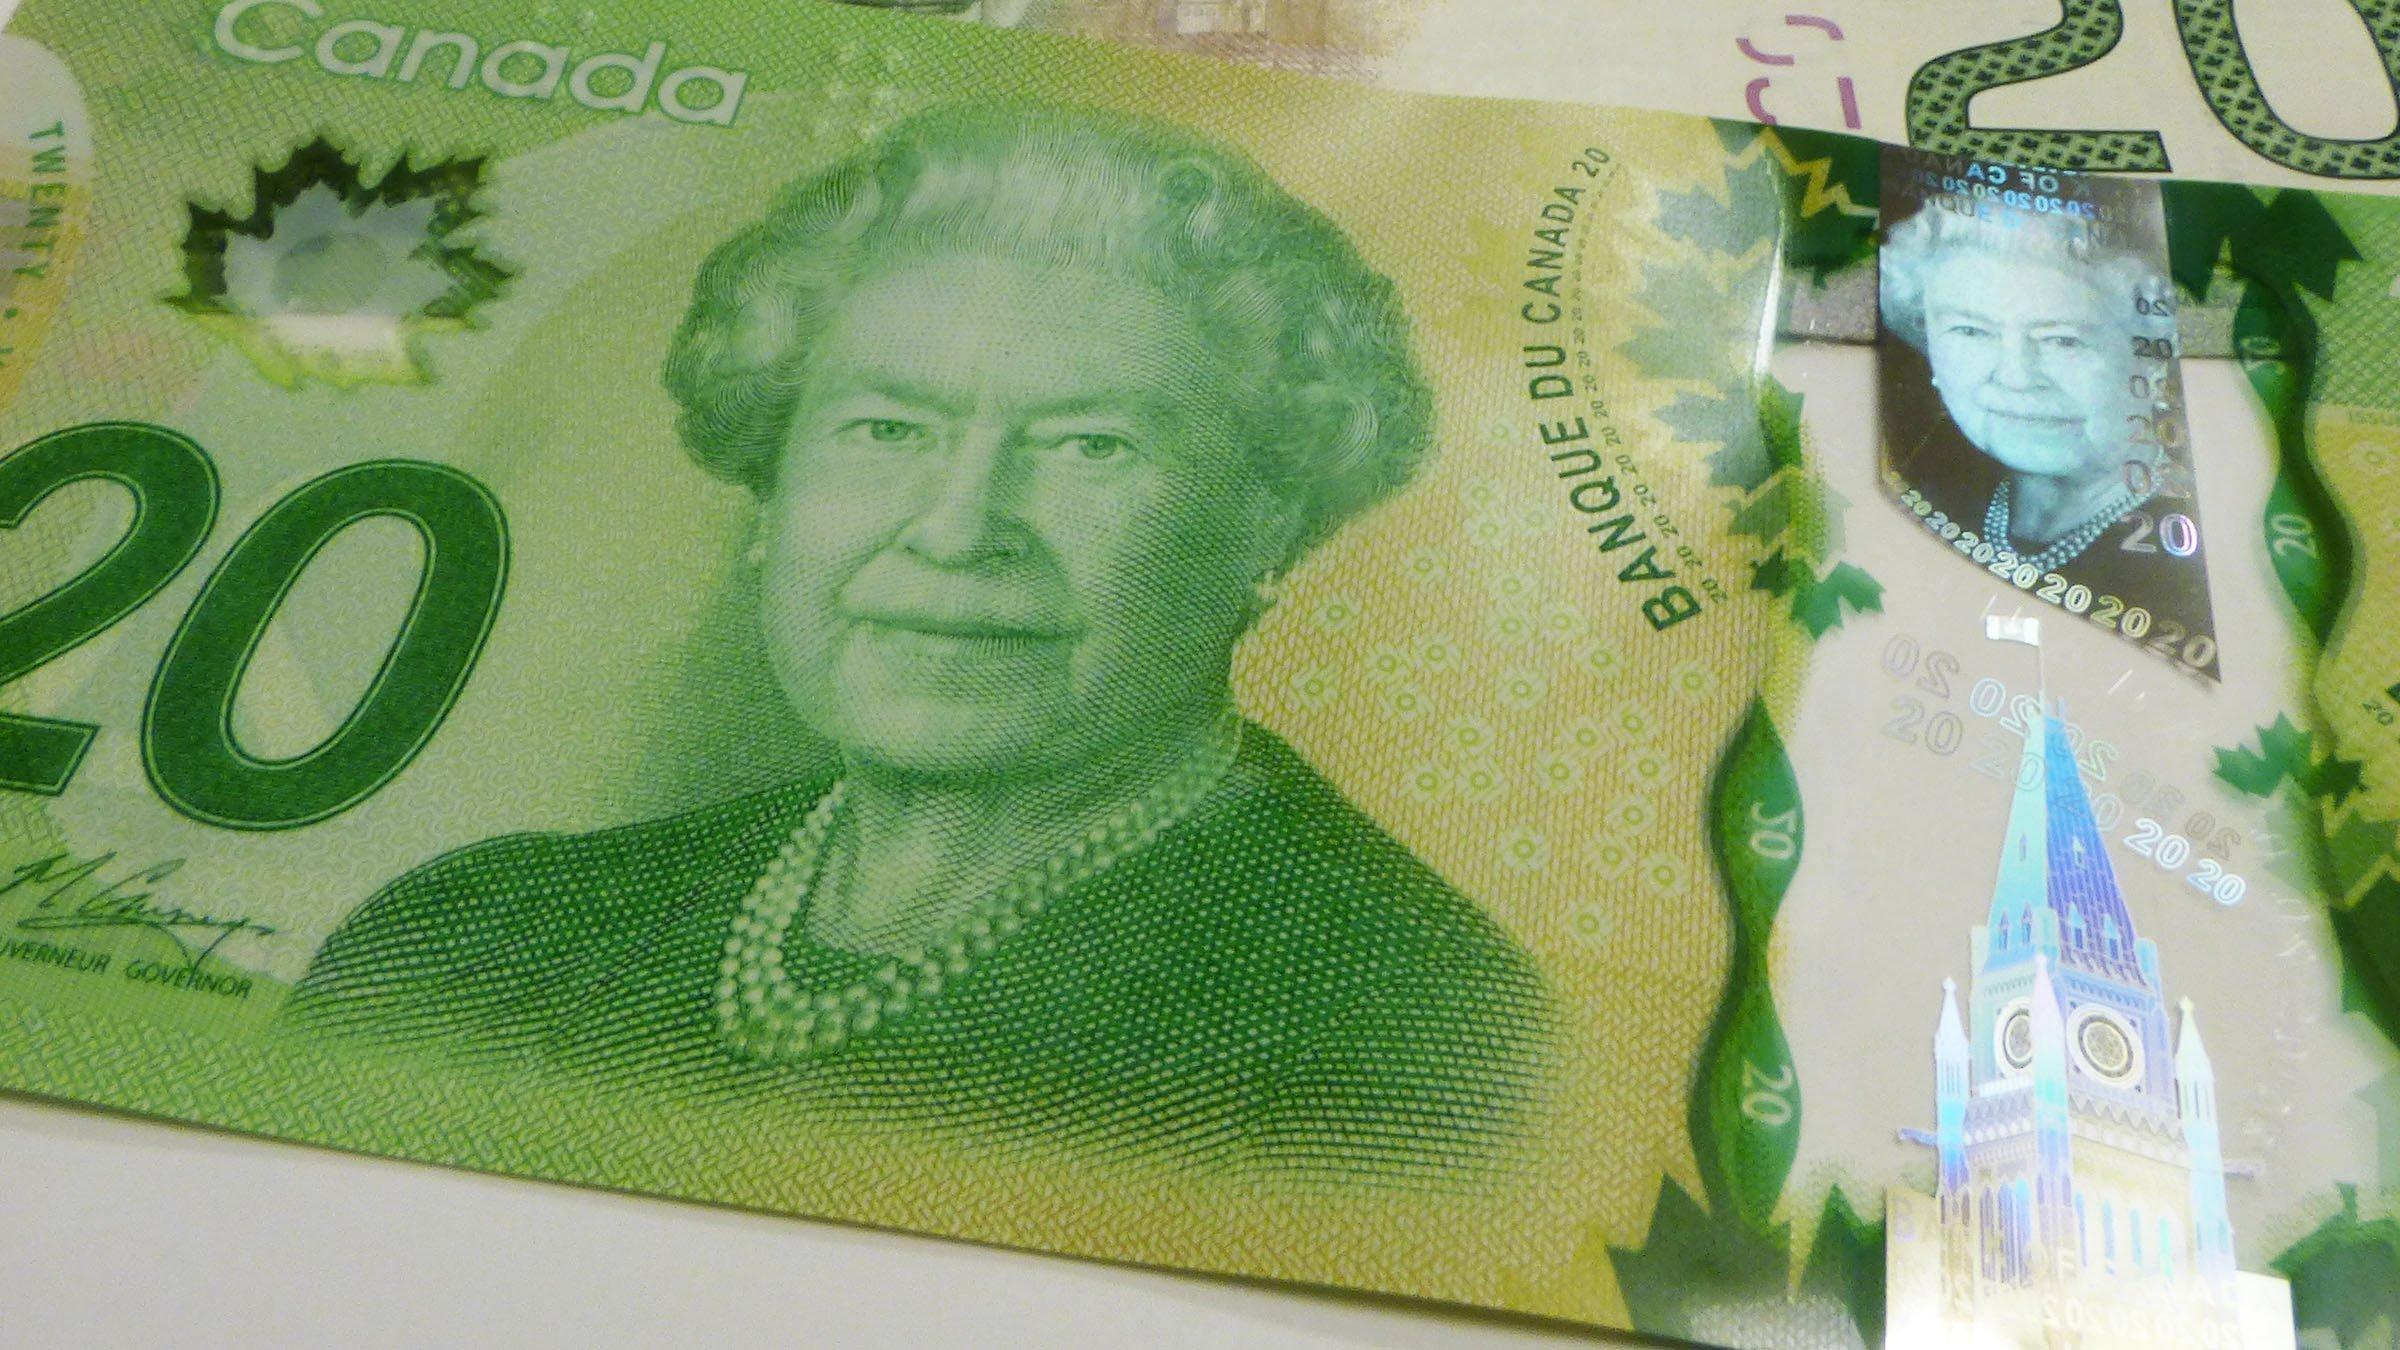 Billetes - Canada